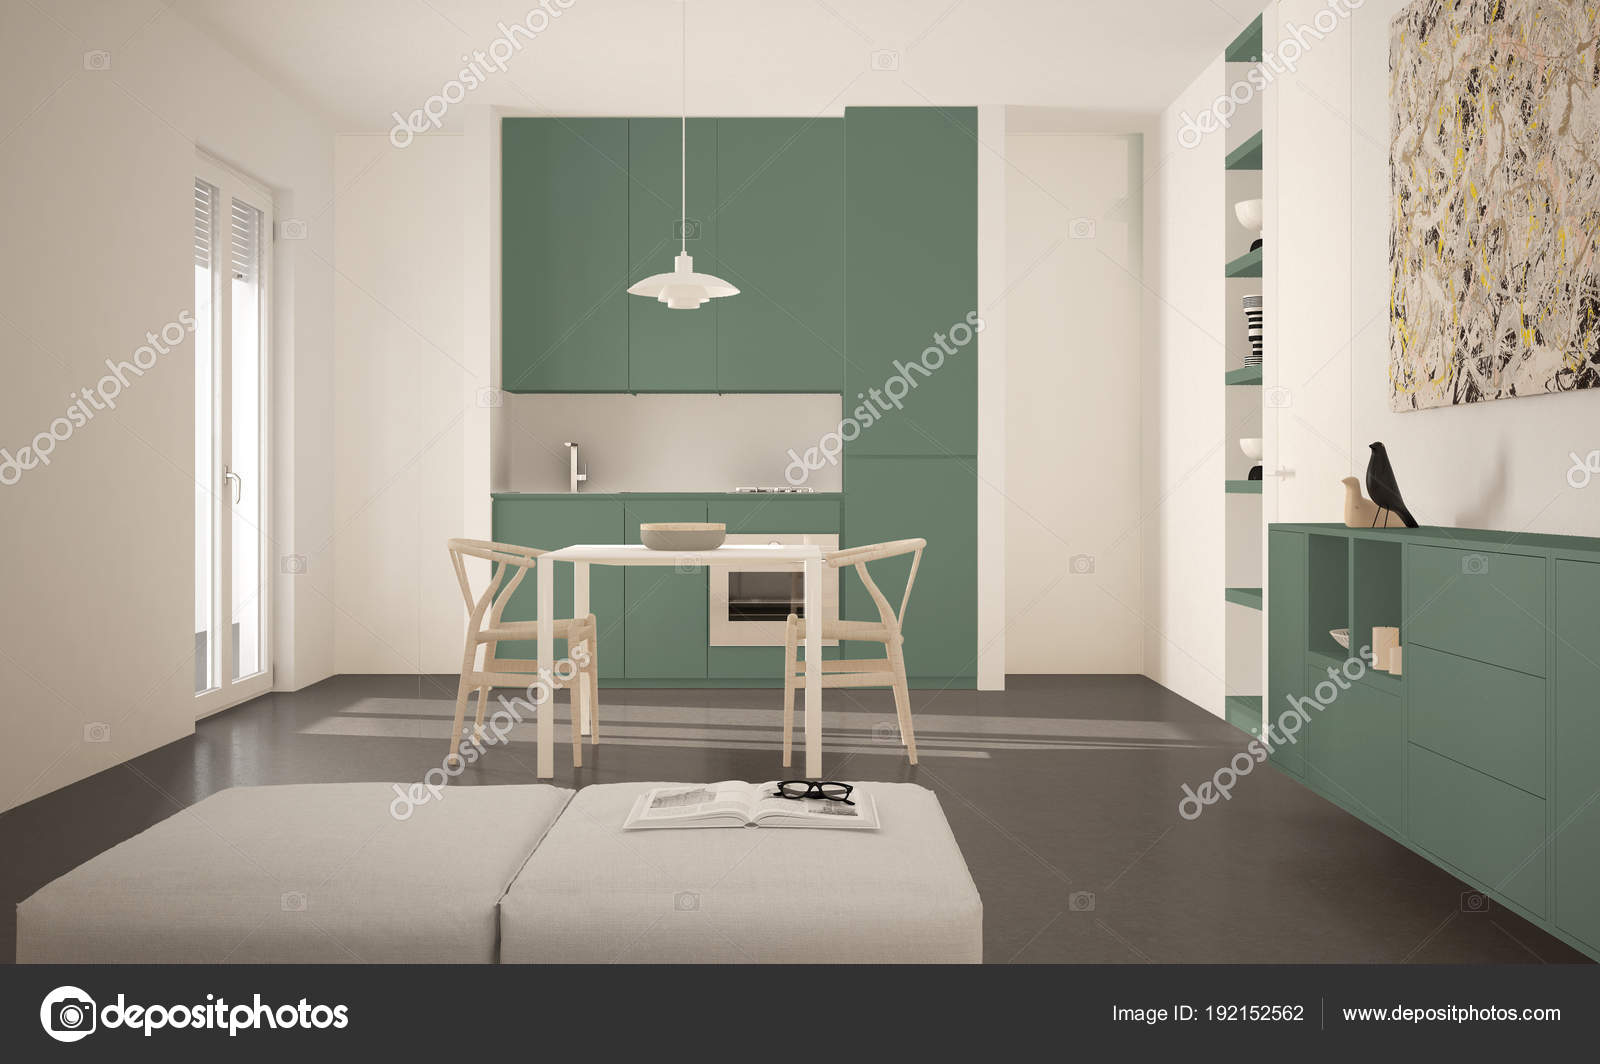 Tavoli Da Pranzo Grandi.Minimalista Moderna Luminosa Cucina Con Tavolo Da Pranzo E Sedie